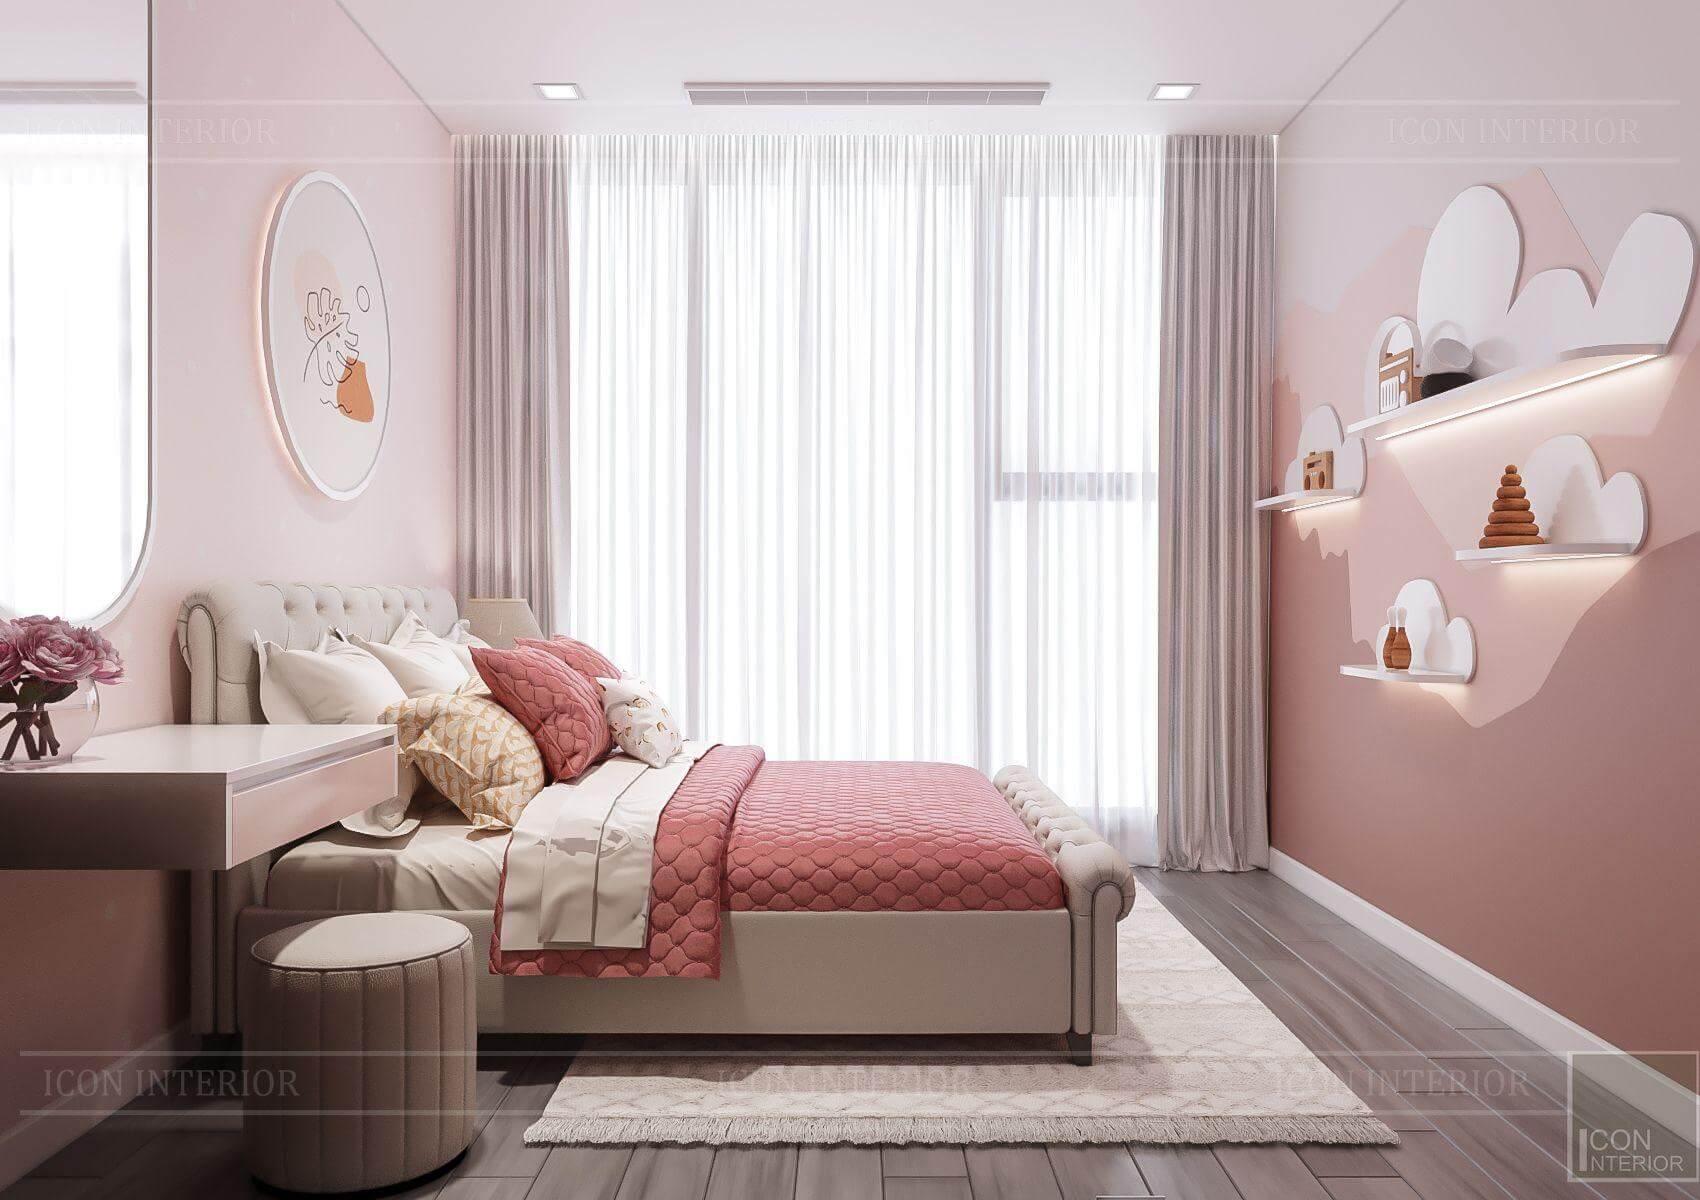 Thiết kế nội thất căn hộ chung cư Vinhomes Ba Son - phòng ngủ bé